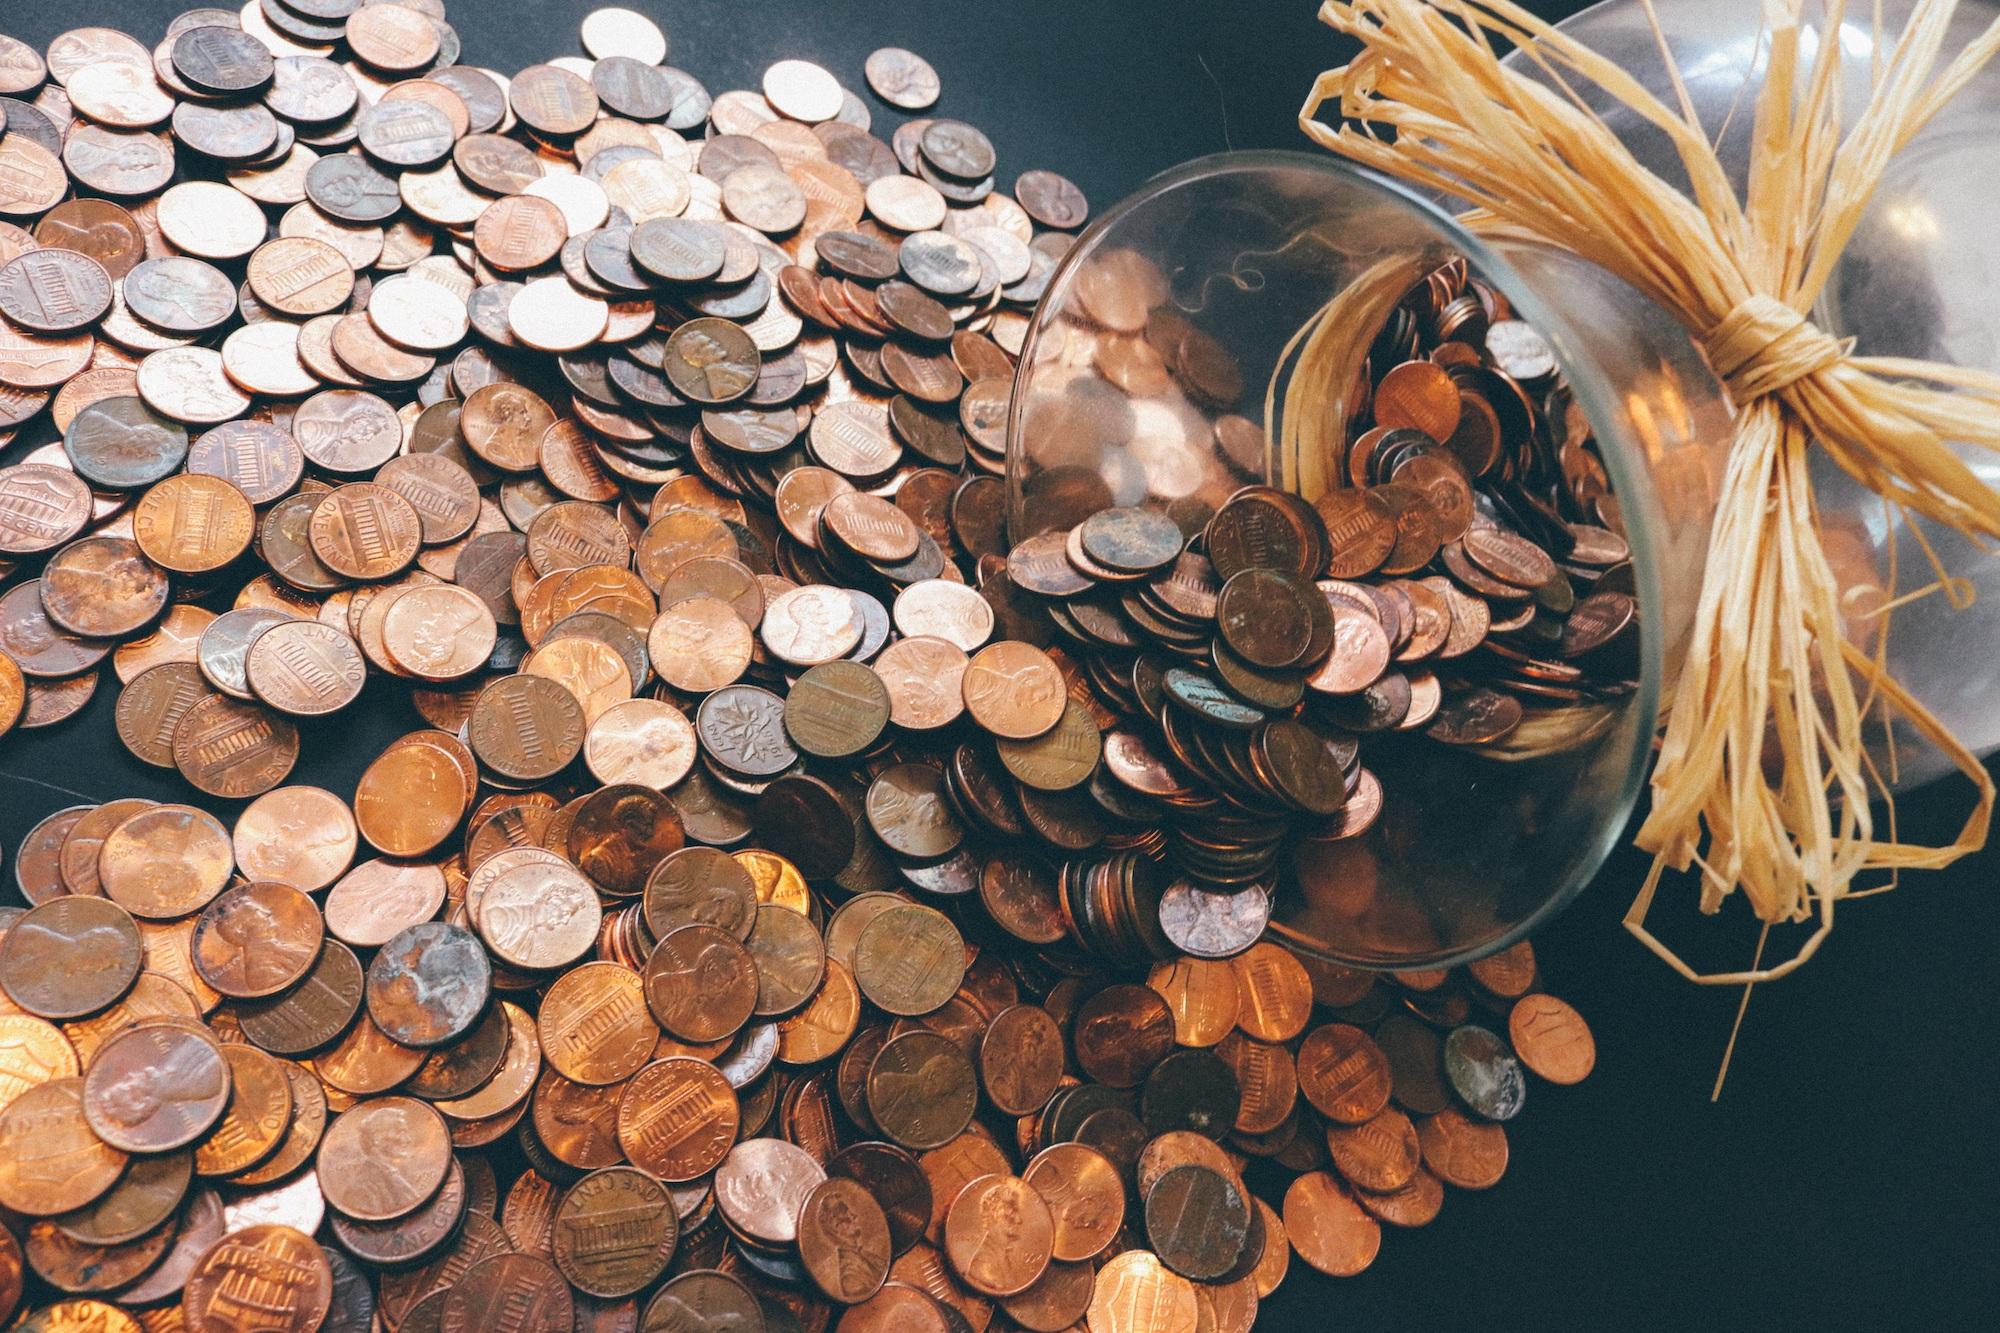 Arrêtez de perdre de l'argent, choisissez la banque en ligne